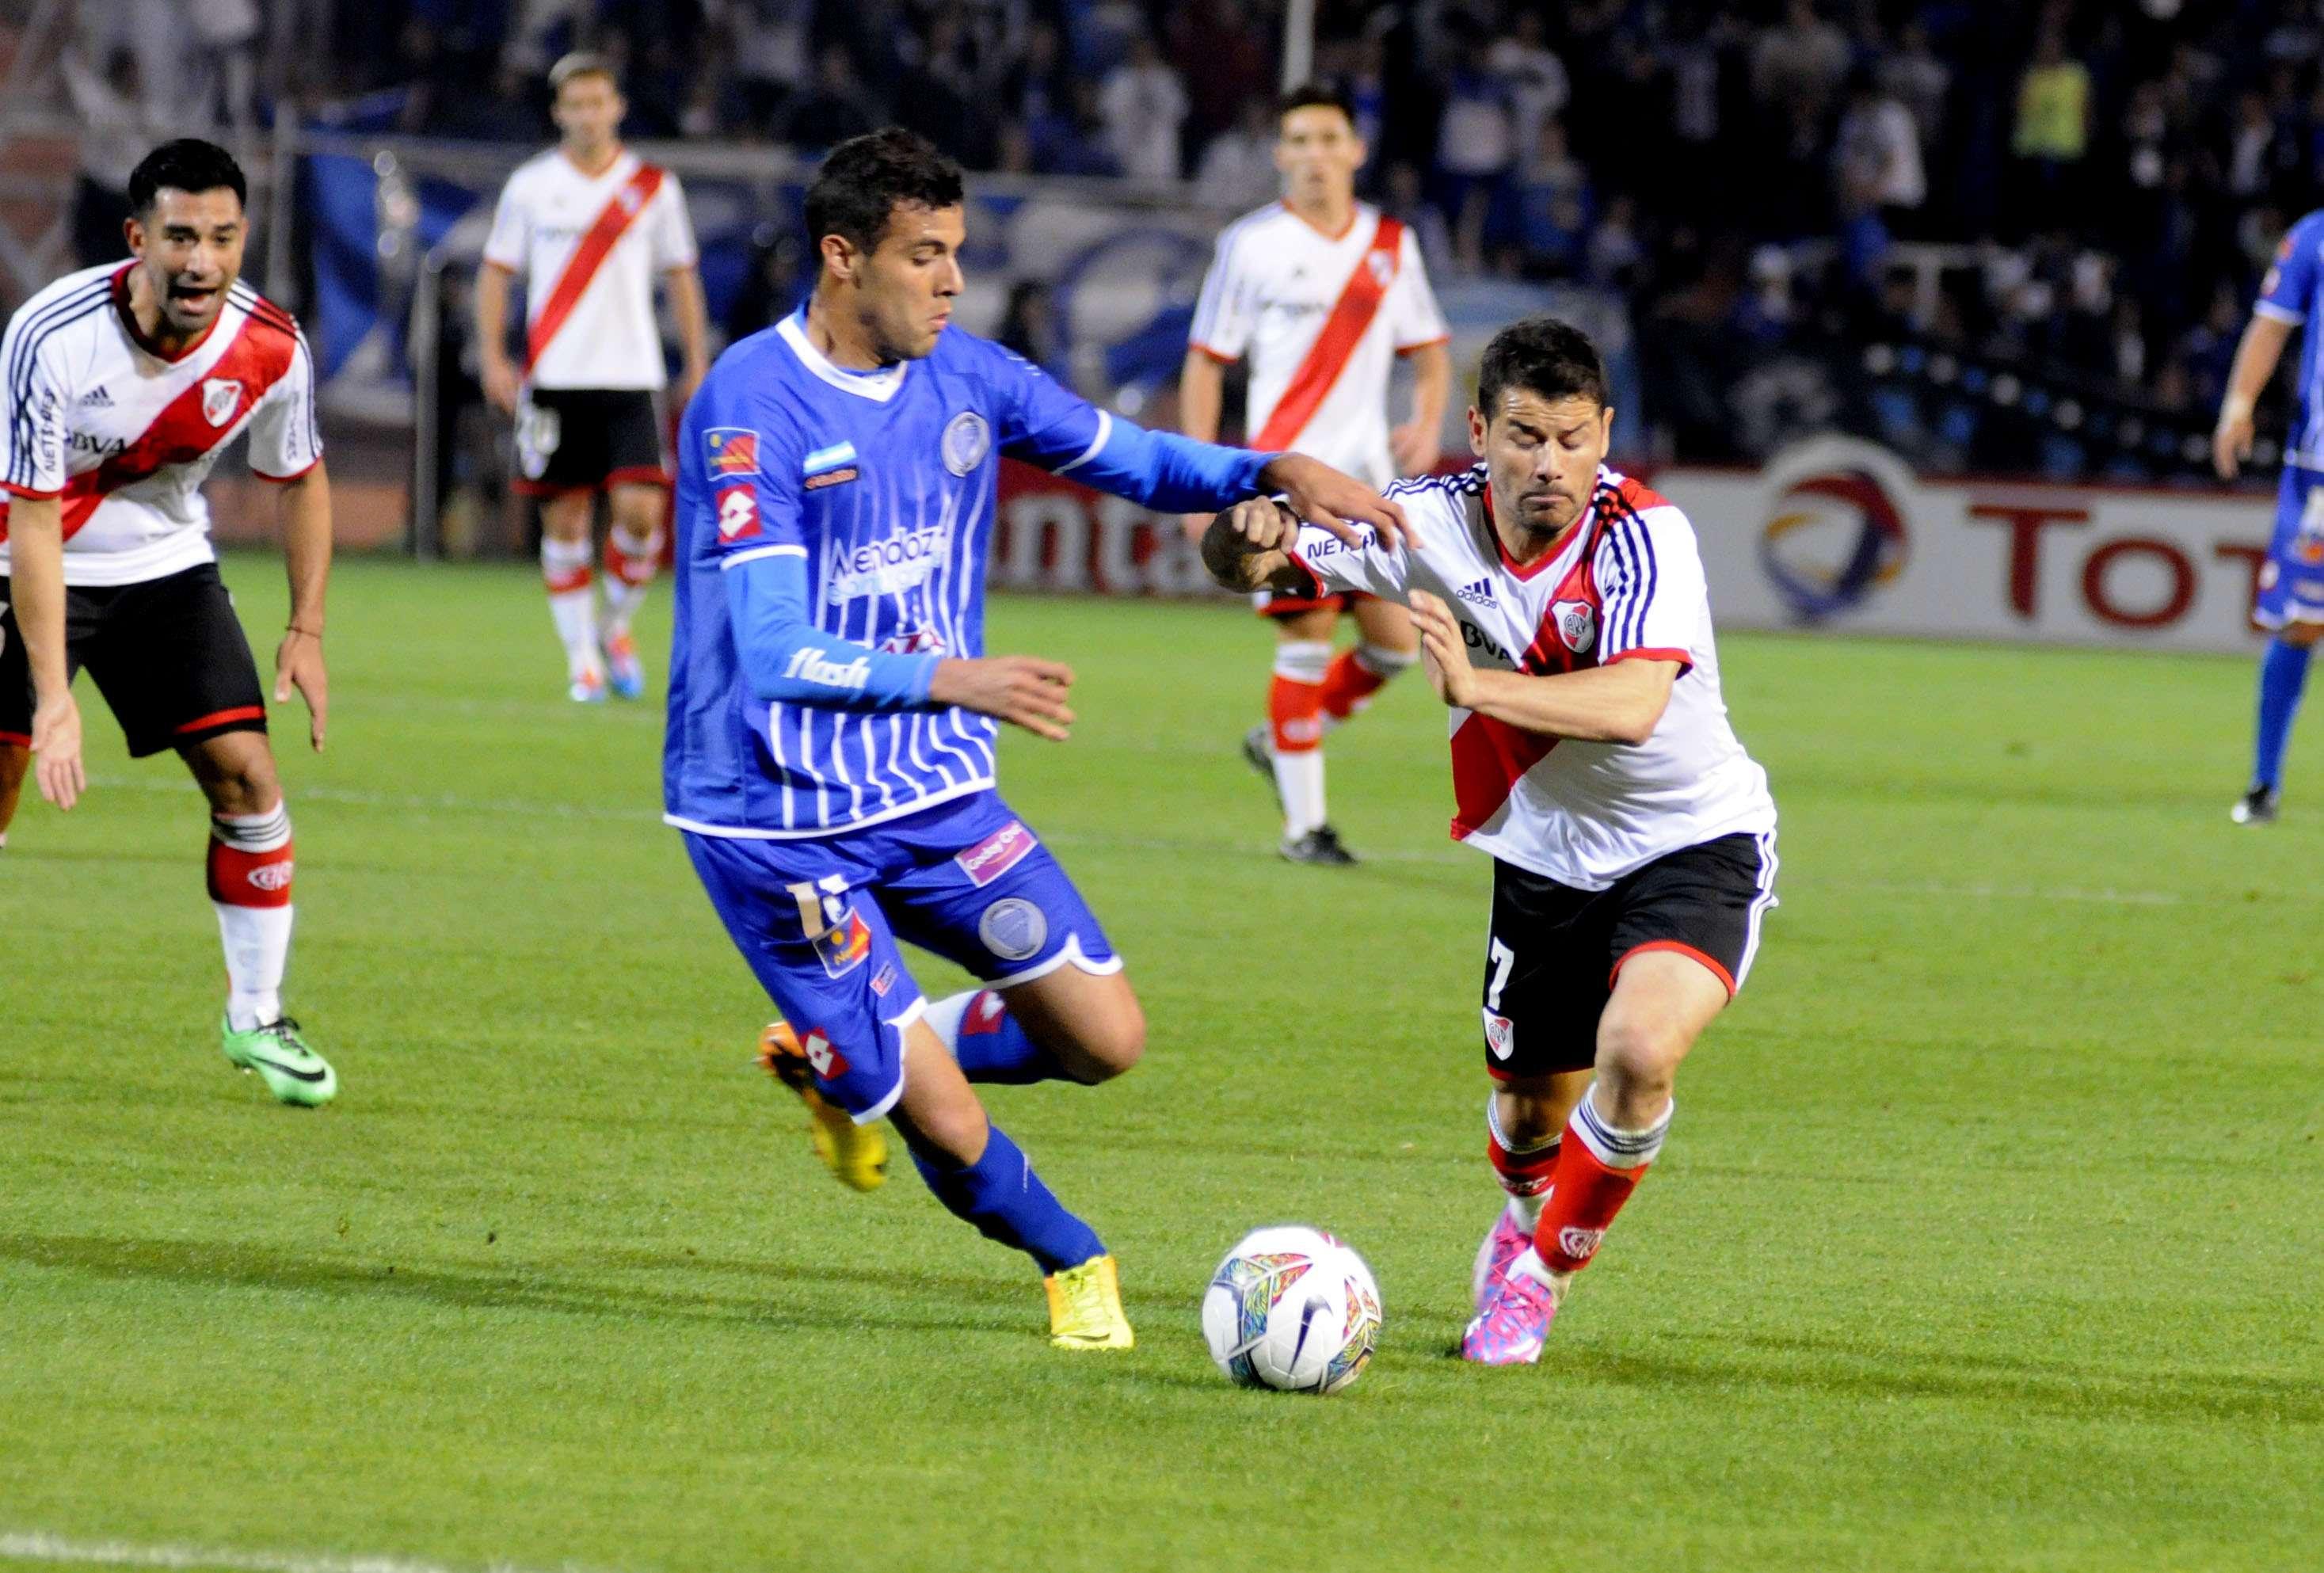 River venció 1 a 0 a Godoy Cruz en Mendoza con gol de Germán Pezzela en tiempo de descuento, por el encuentro de ida de los octavos de final de la Copa Sudamericana 2014. Foto: Agencias